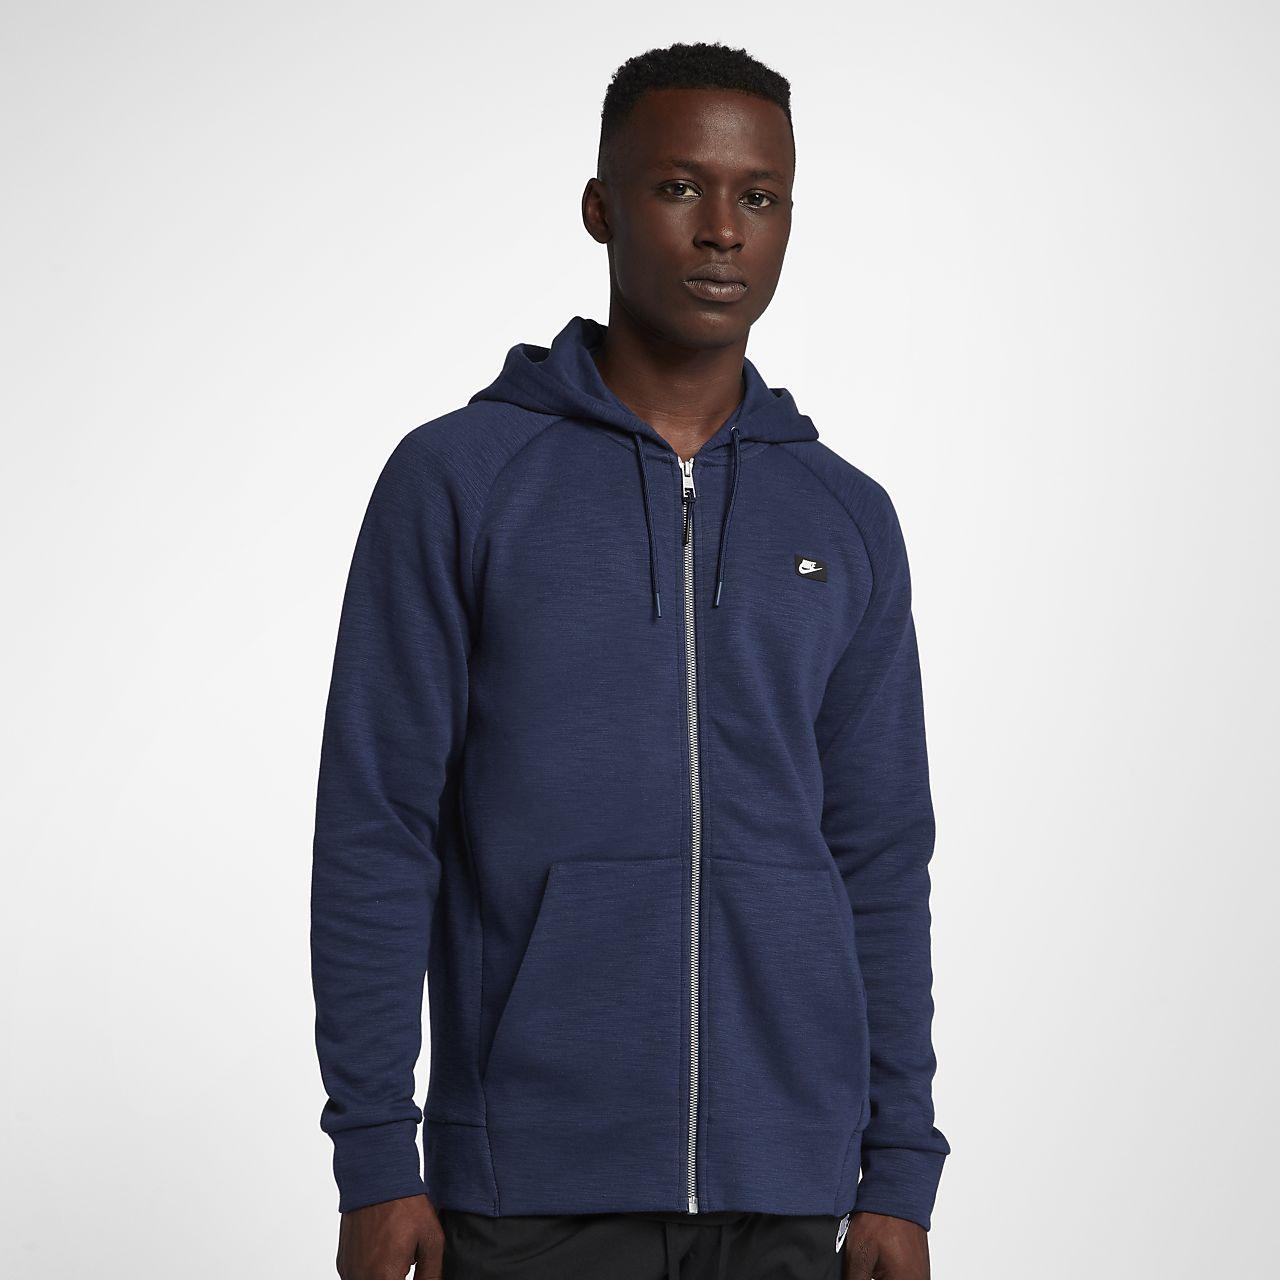 Pour Homme Optic Sweat Capuche Sportswear Zippé Nike Entièrement À 4SgpqA